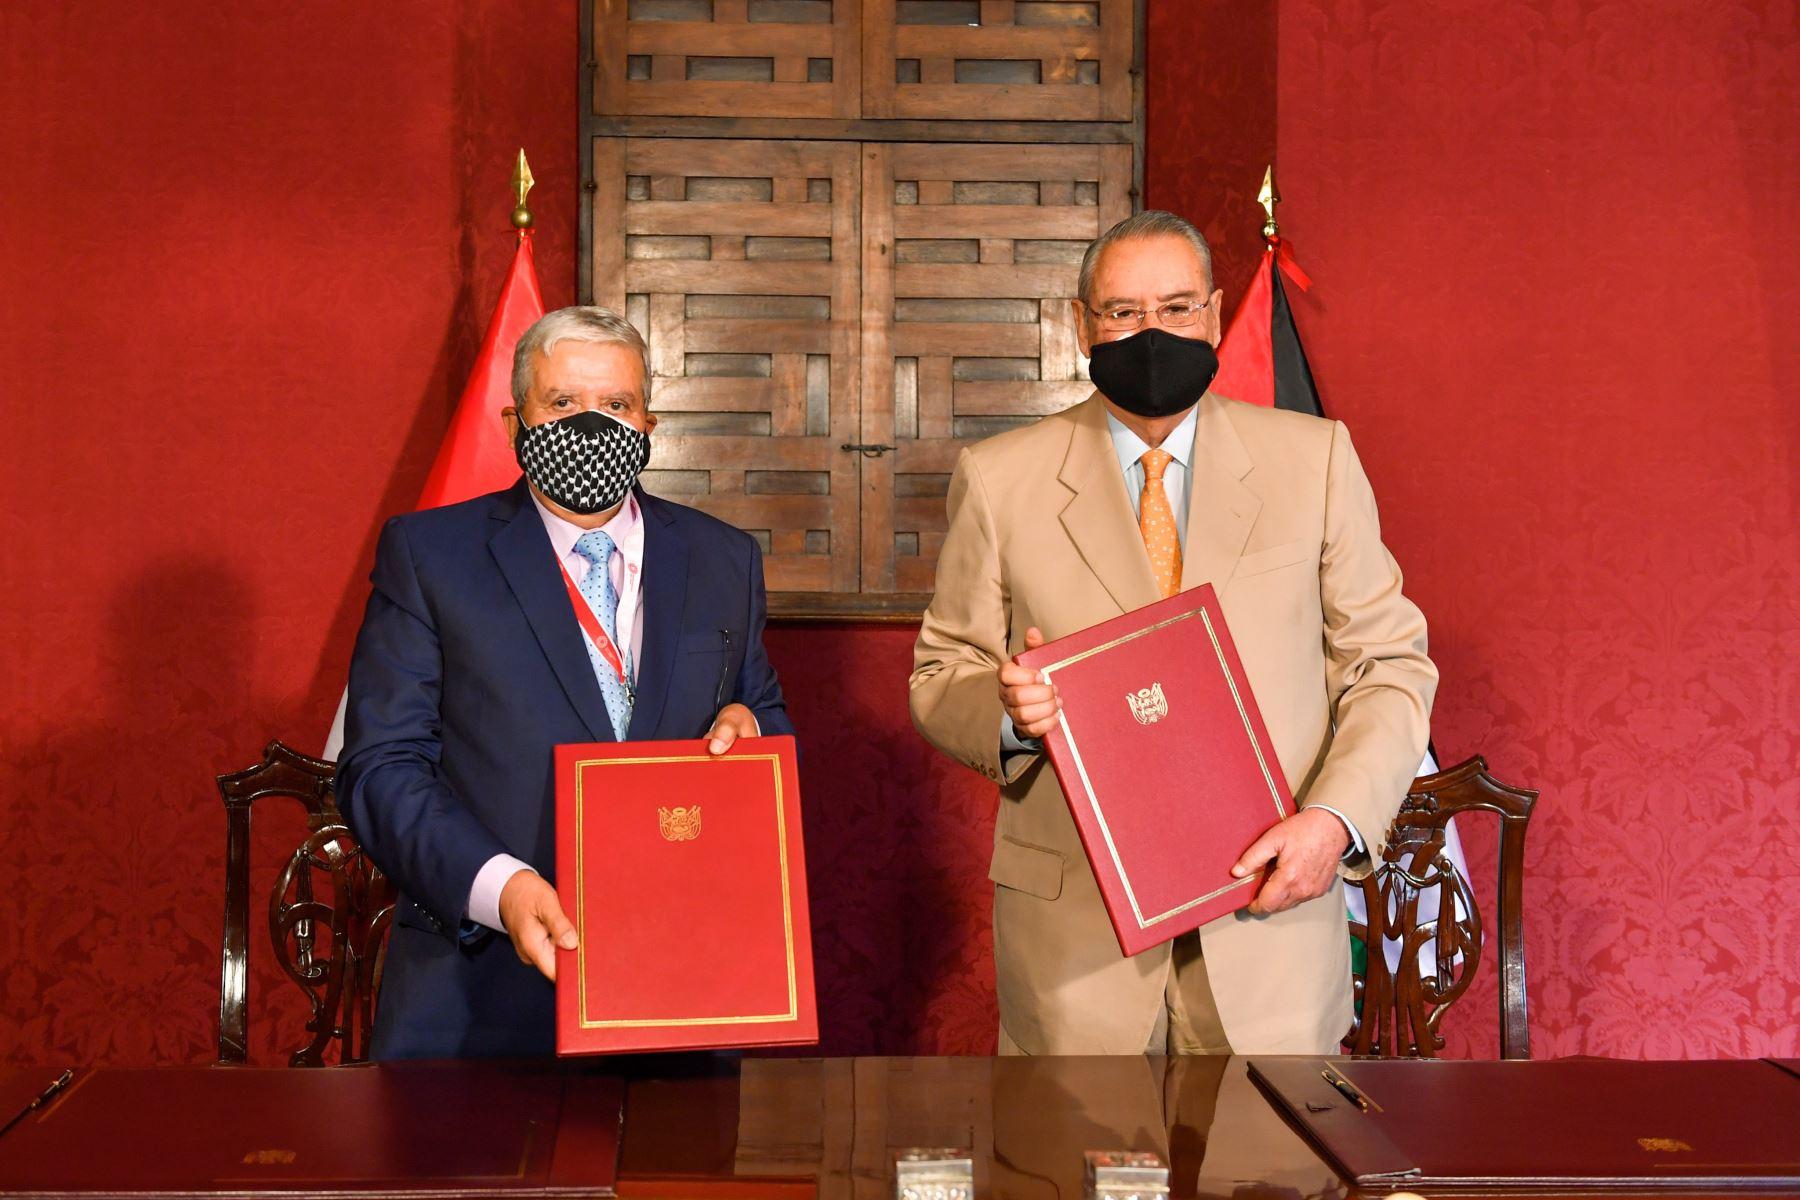 El Canciller Allan Wagner y el Embajador del Estado de Palestina, Walid Ibrahim Muaqqat, suscribieron el Acuerdo de Cooperación Técnica entre el Perú y Palestina, que fomentará la colaboración mutua para superar brechas hacia el logro de los Objetivos de Desarrollo Sostenible. Foto: Cancillería